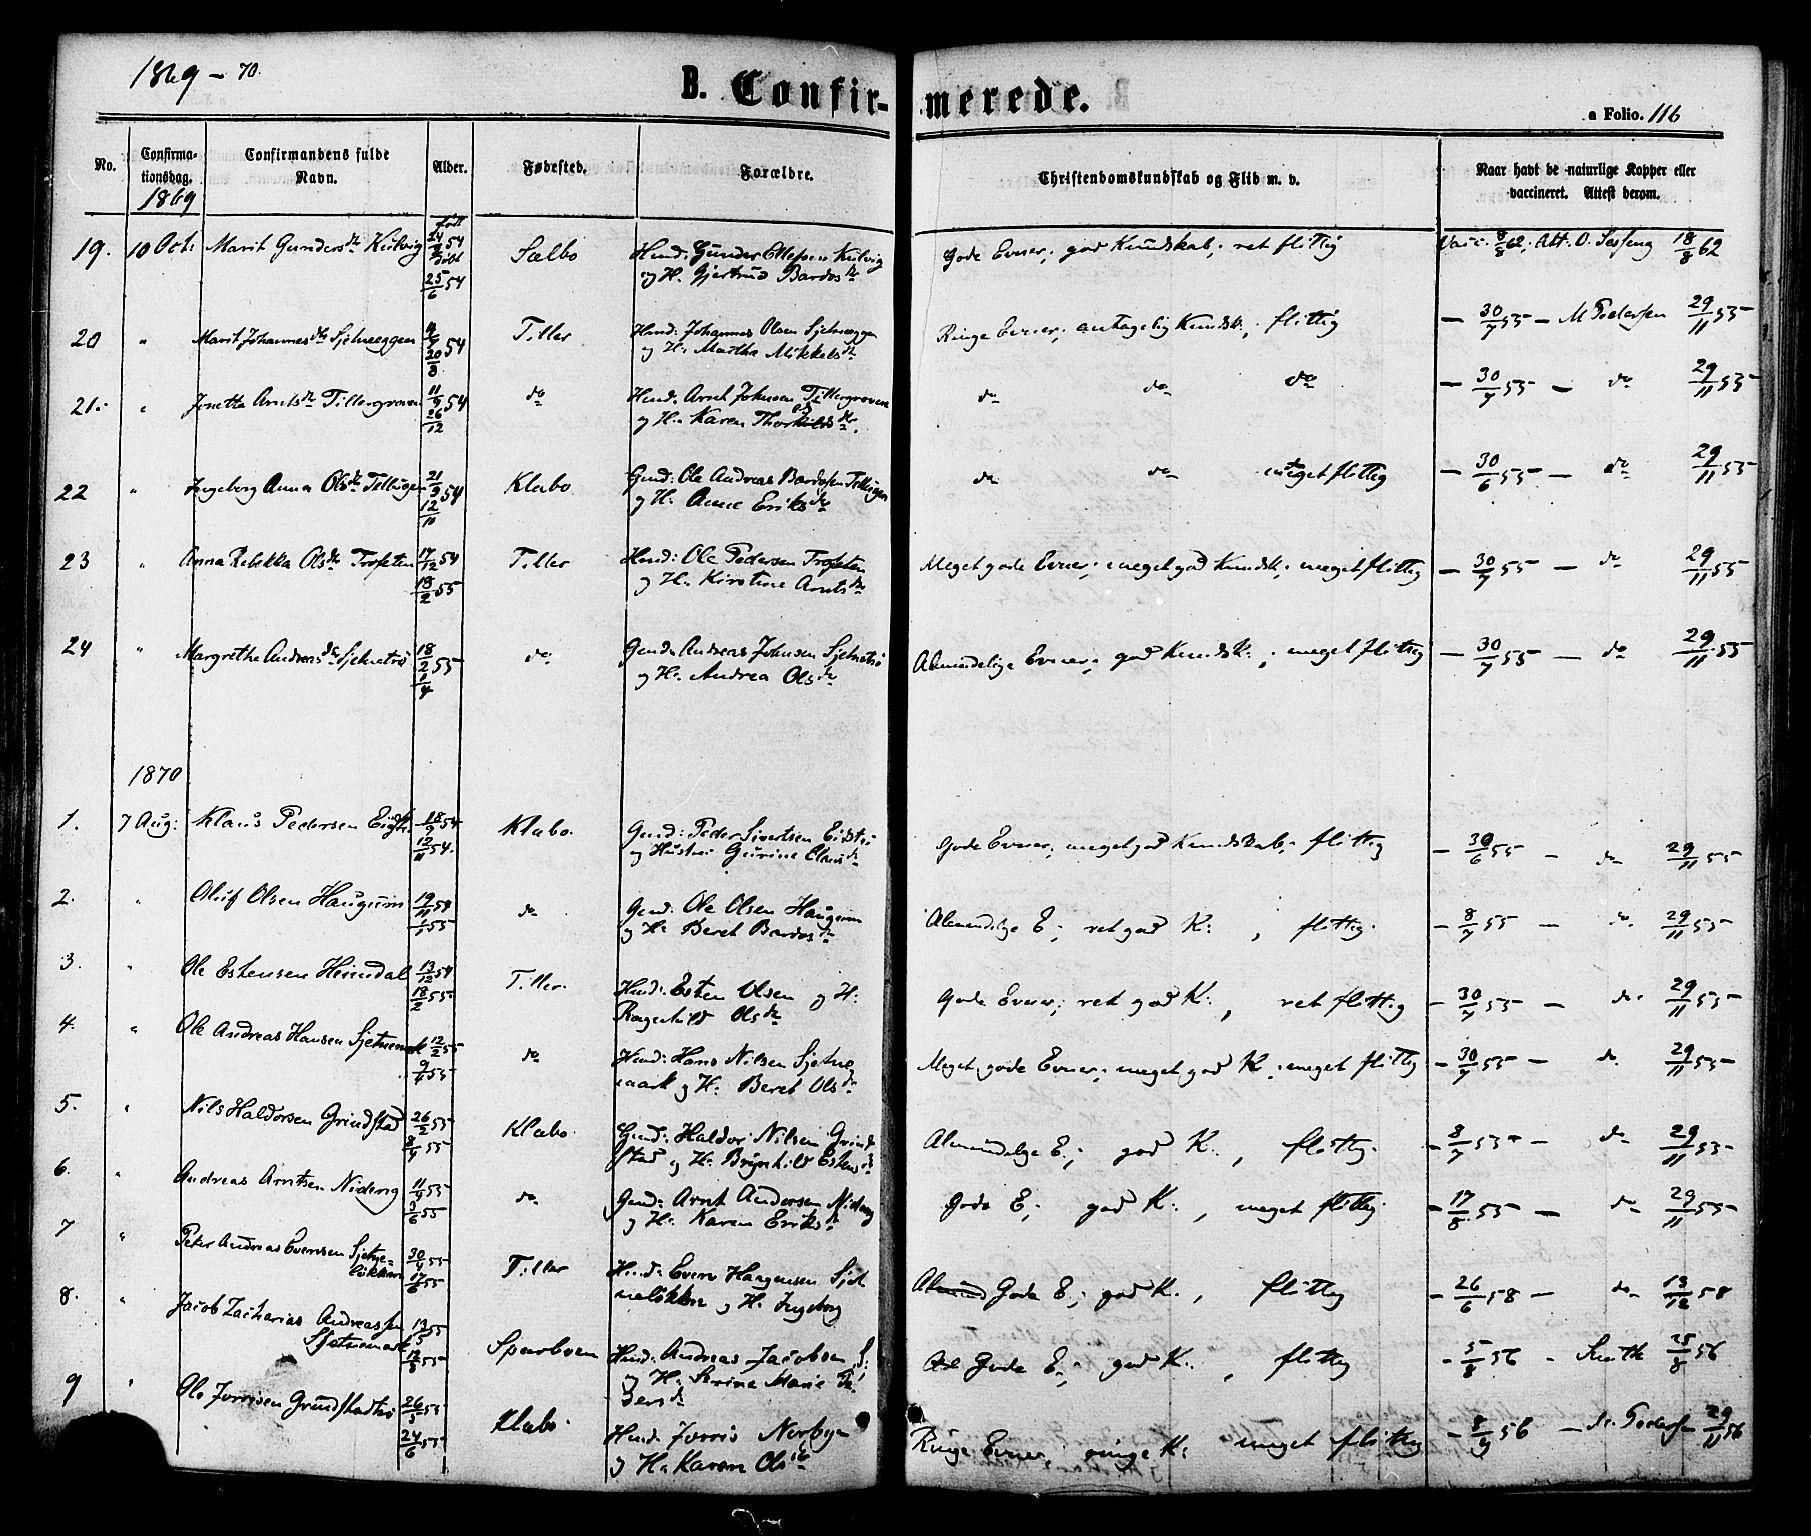 SAT, Ministerialprotokoller, klokkerbøker og fødselsregistre - Sør-Trøndelag, 618/L0442: Ministerialbok nr. 618A06 /1, 1863-1879, s. 116